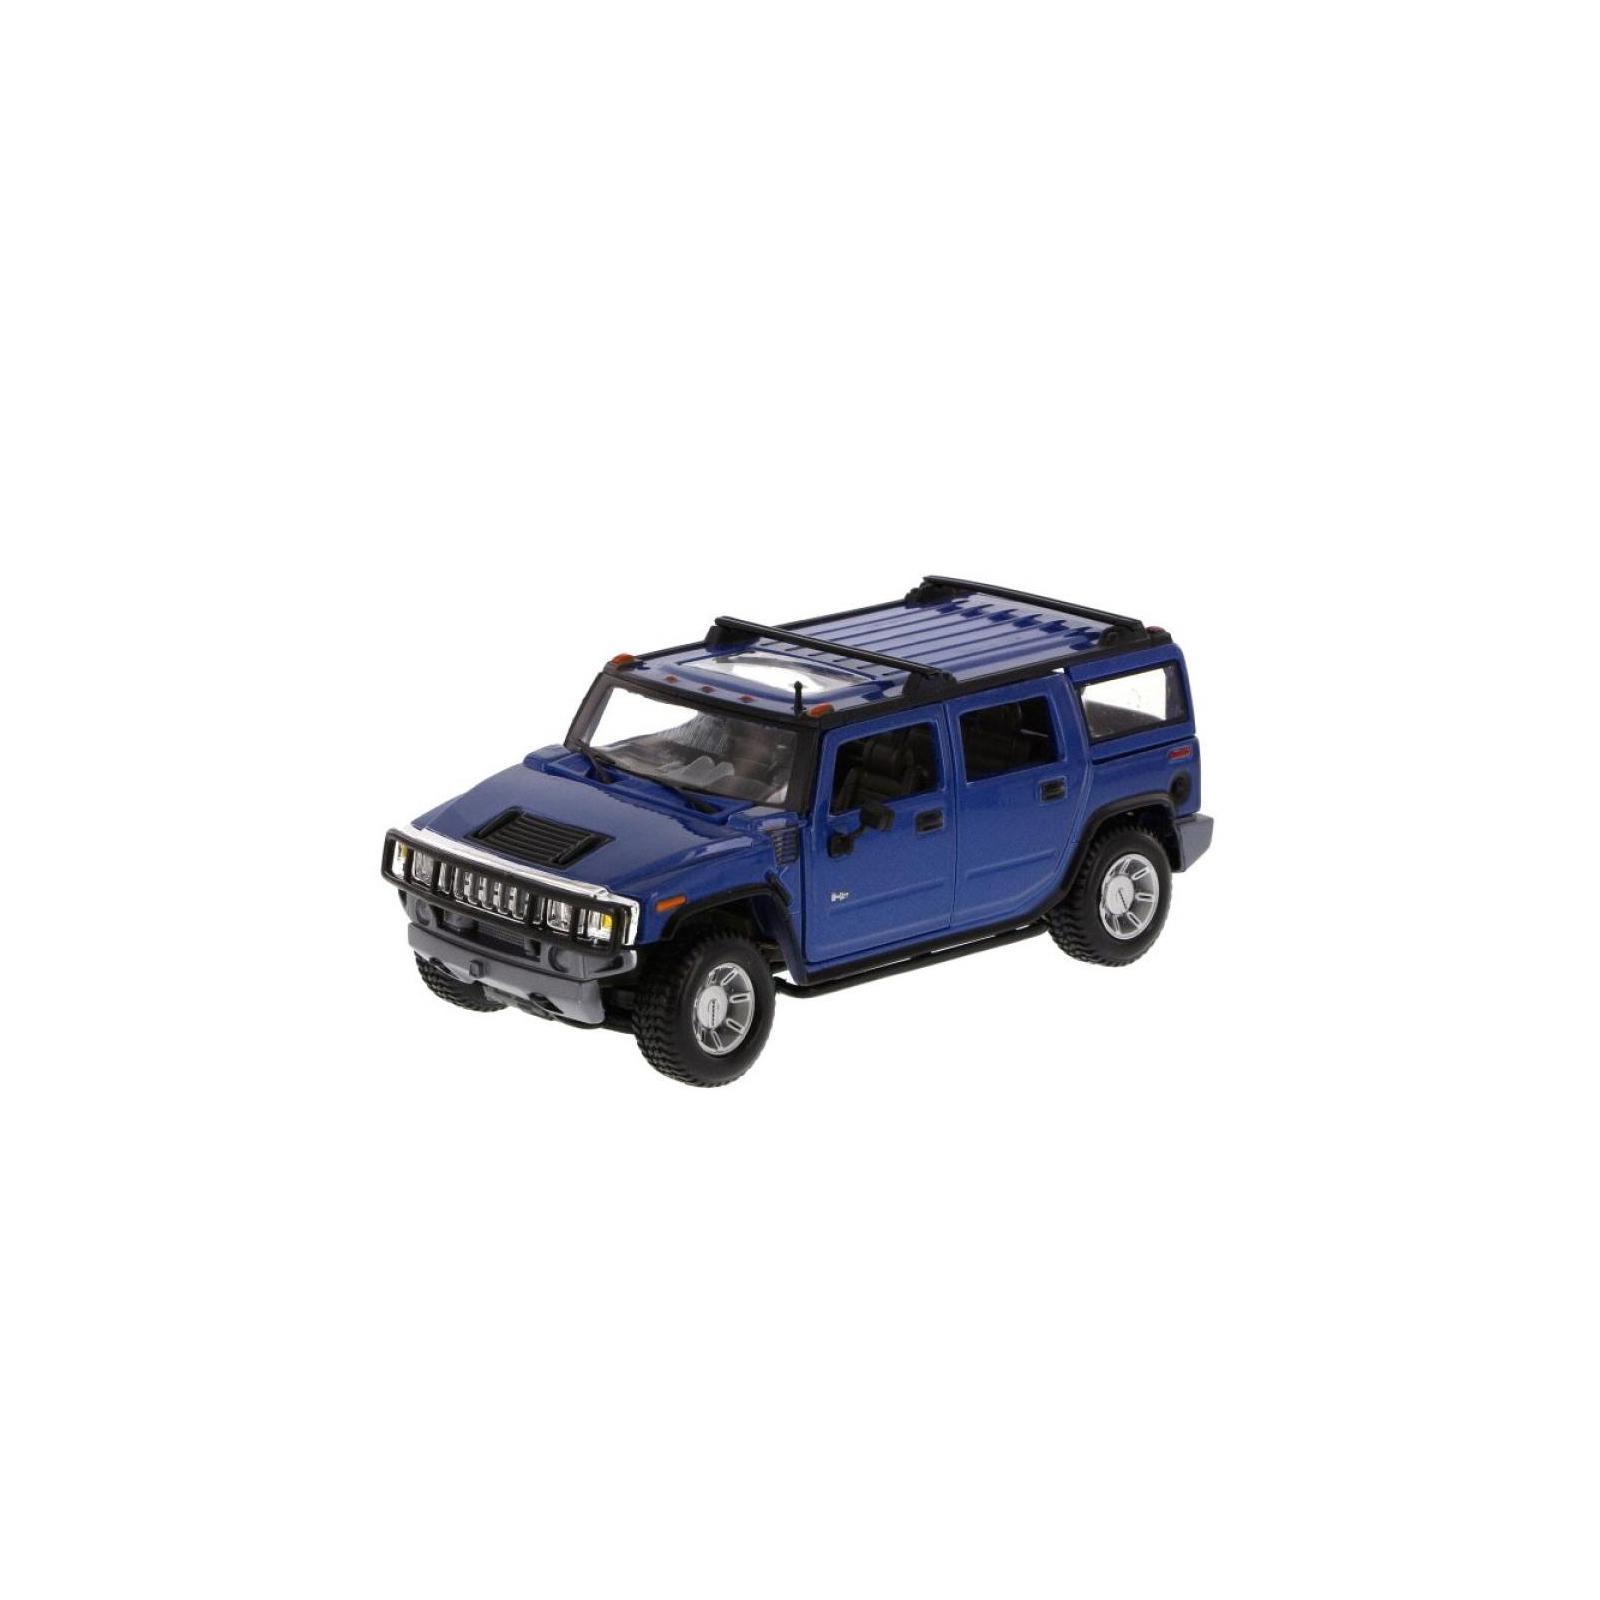 Машина Maisto Hummer H2 SUV 2003 (1:27) синий (31231 blue)